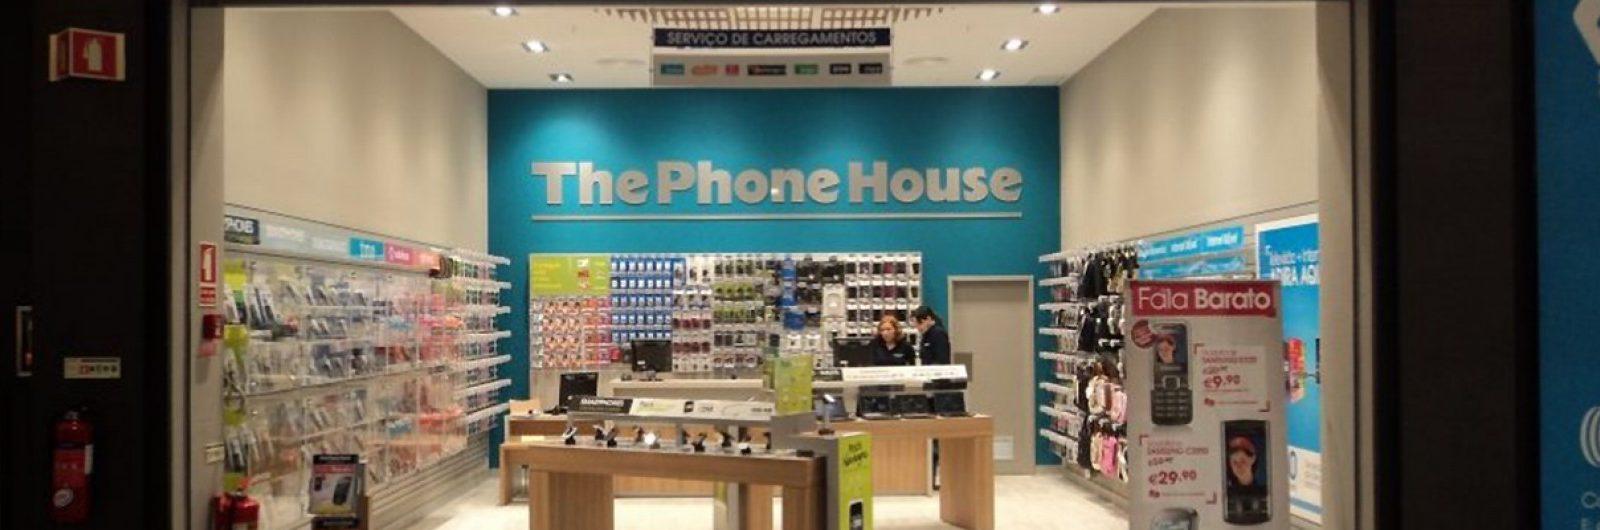 Phone House continua a somar aberturas